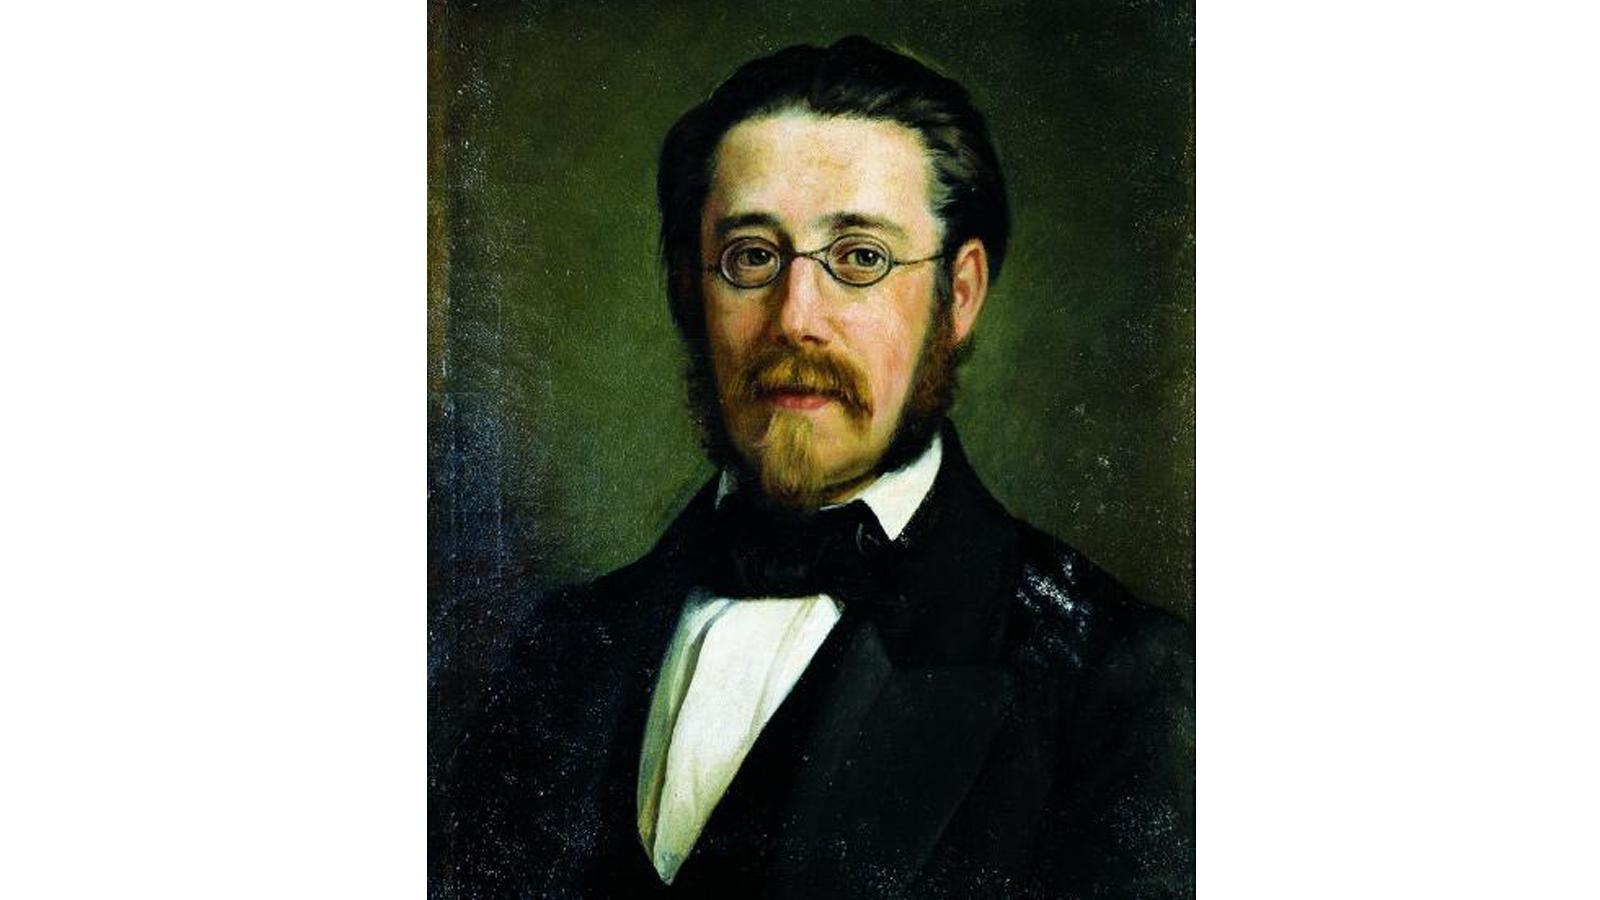 <strong>Smetana</strong>